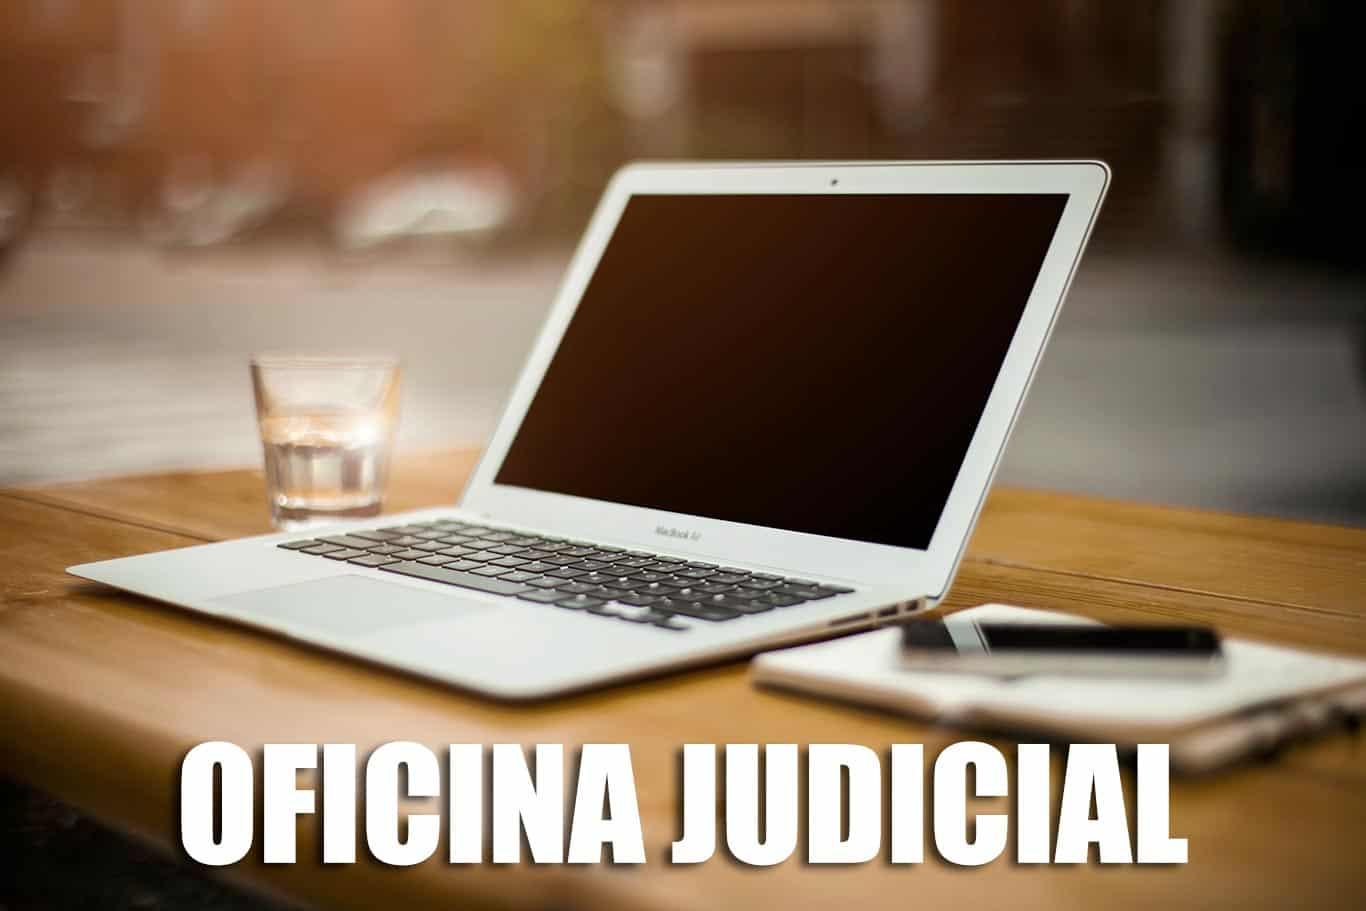 portal-oficina-judicial